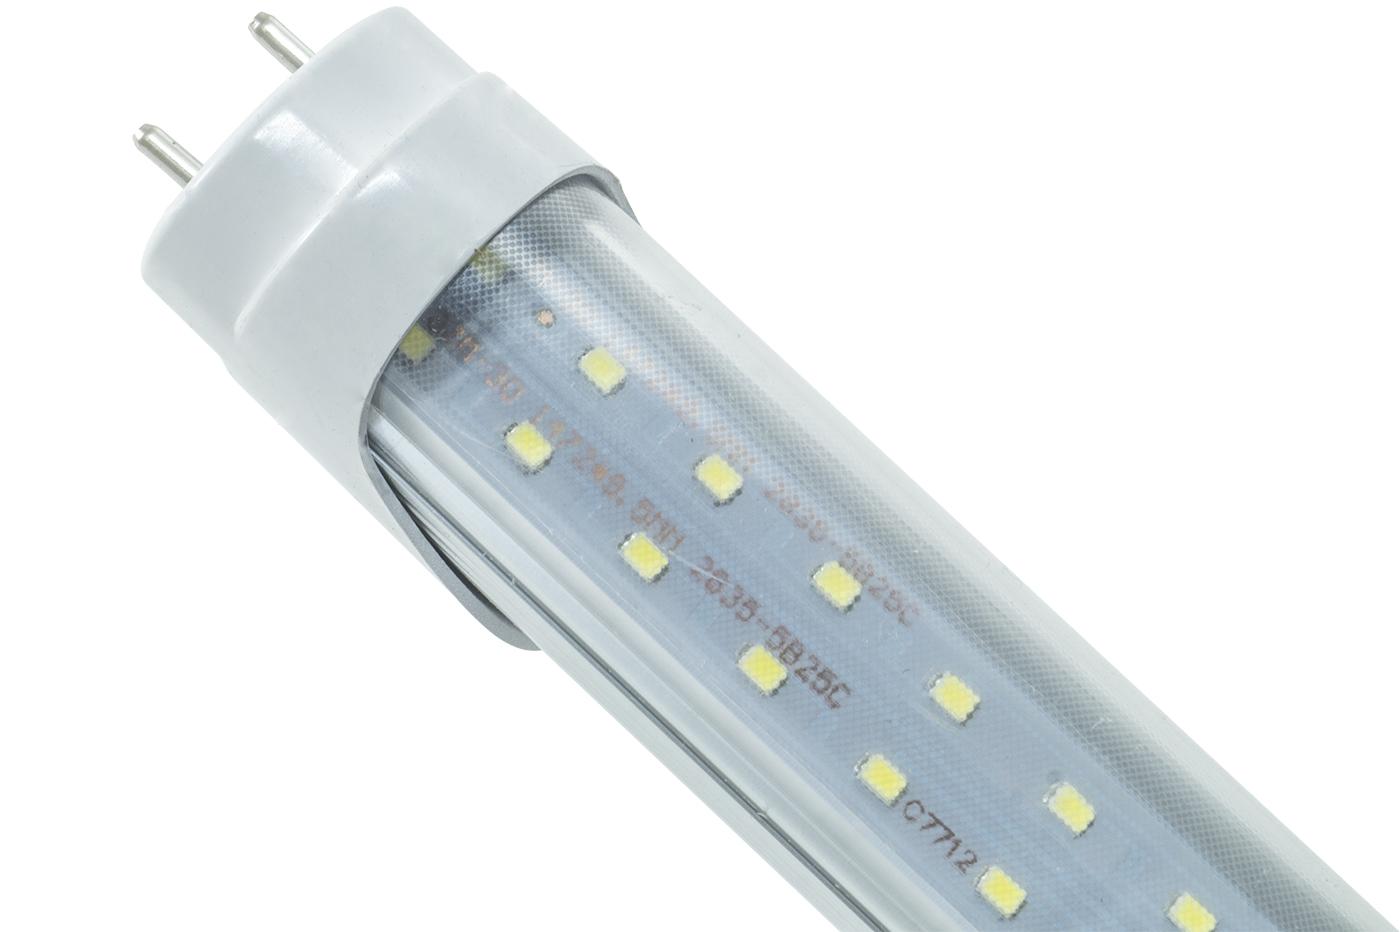 Plafoniere Neon 150 Cm : Bes 20934 tubi led beselettronica neon luce fredda 26w watt